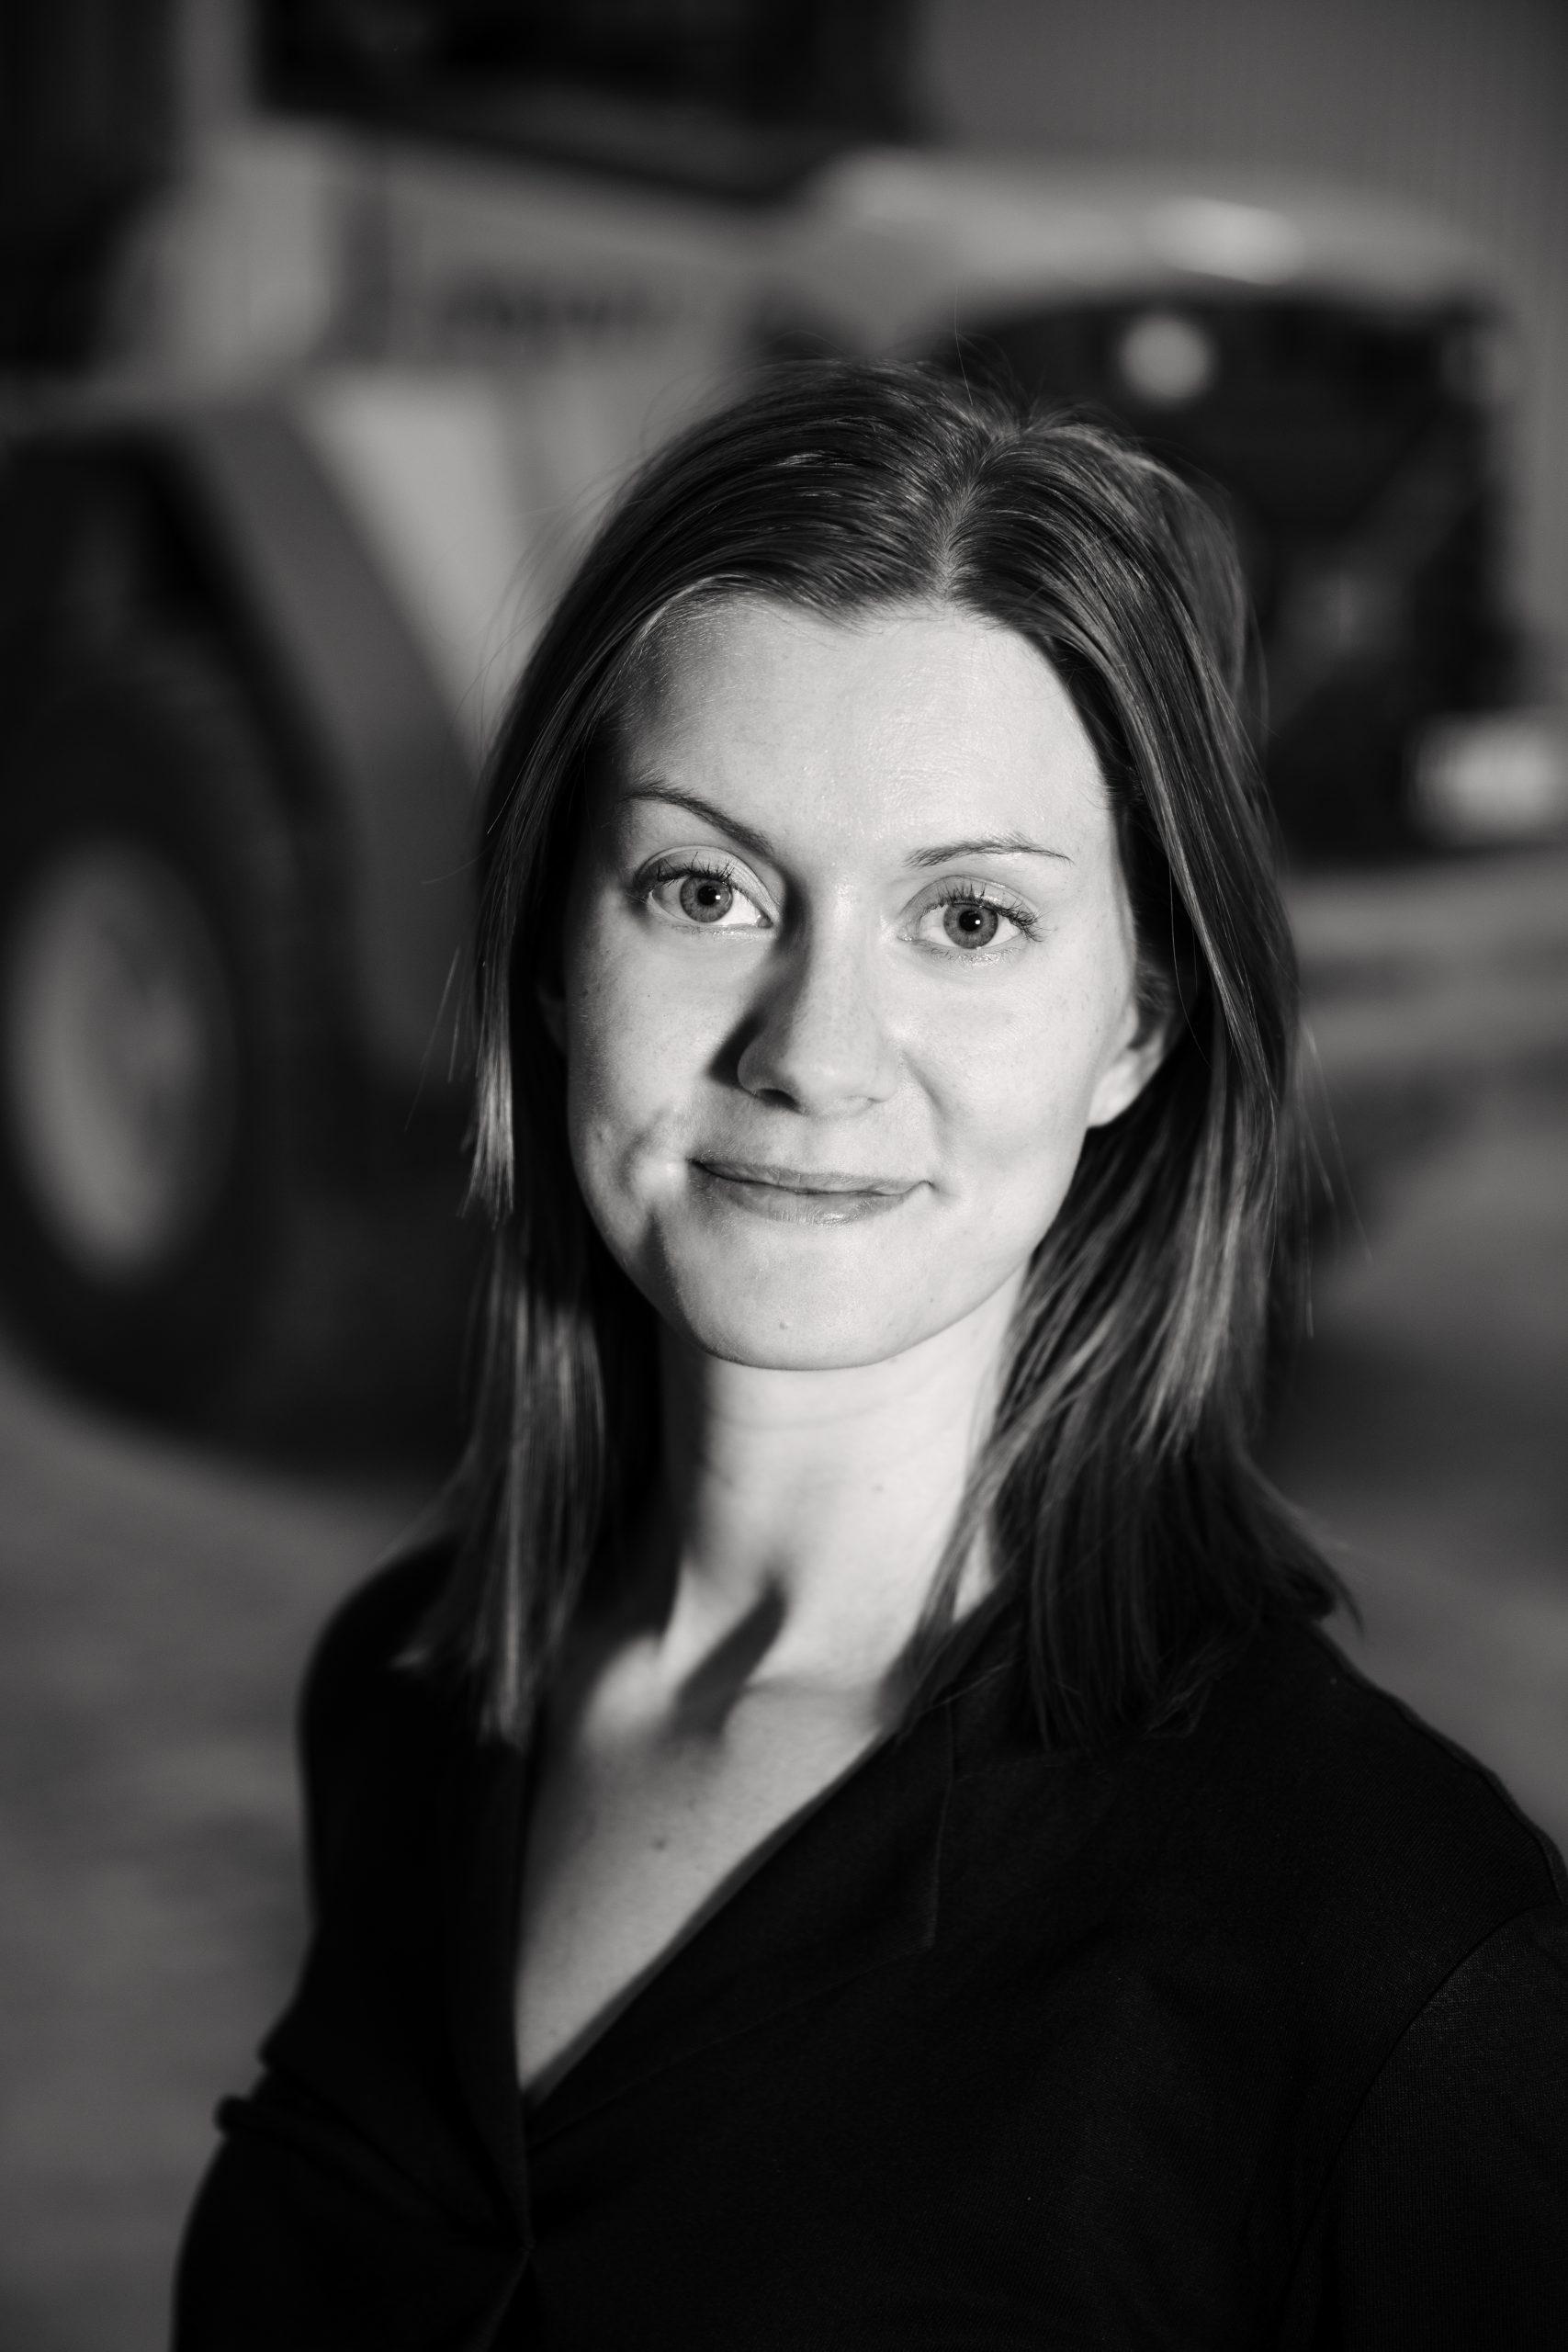 Sofia Axelsson